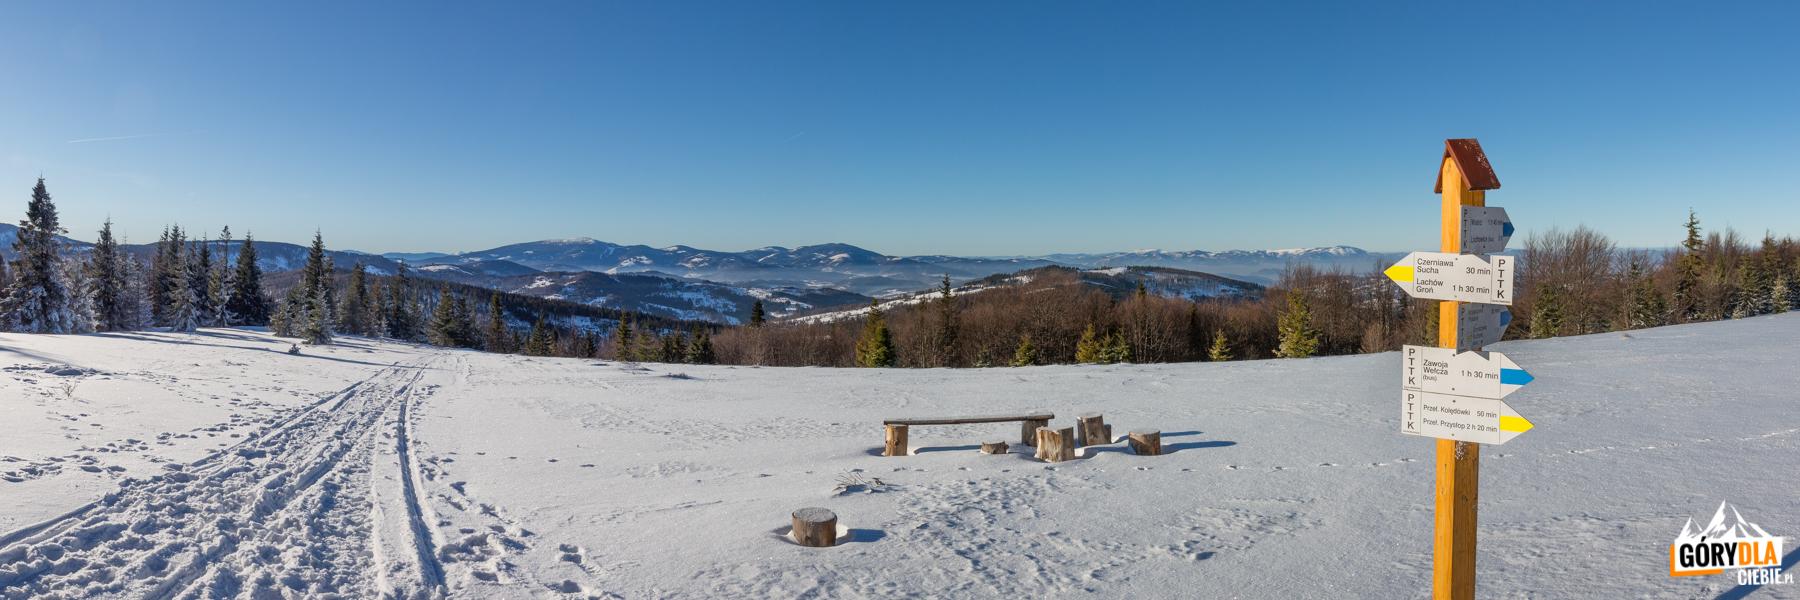 Panorama zeszczytu Jałowca (1111 m) - odlewej Mędralowa (1169 m), Pilsko (1557 m), Rysianka (1322 m), Romanka (1366 m) idalej Barania Góra (1220 m), Malinowska Skała (1152 m) iSkrzyczne (1257 m)